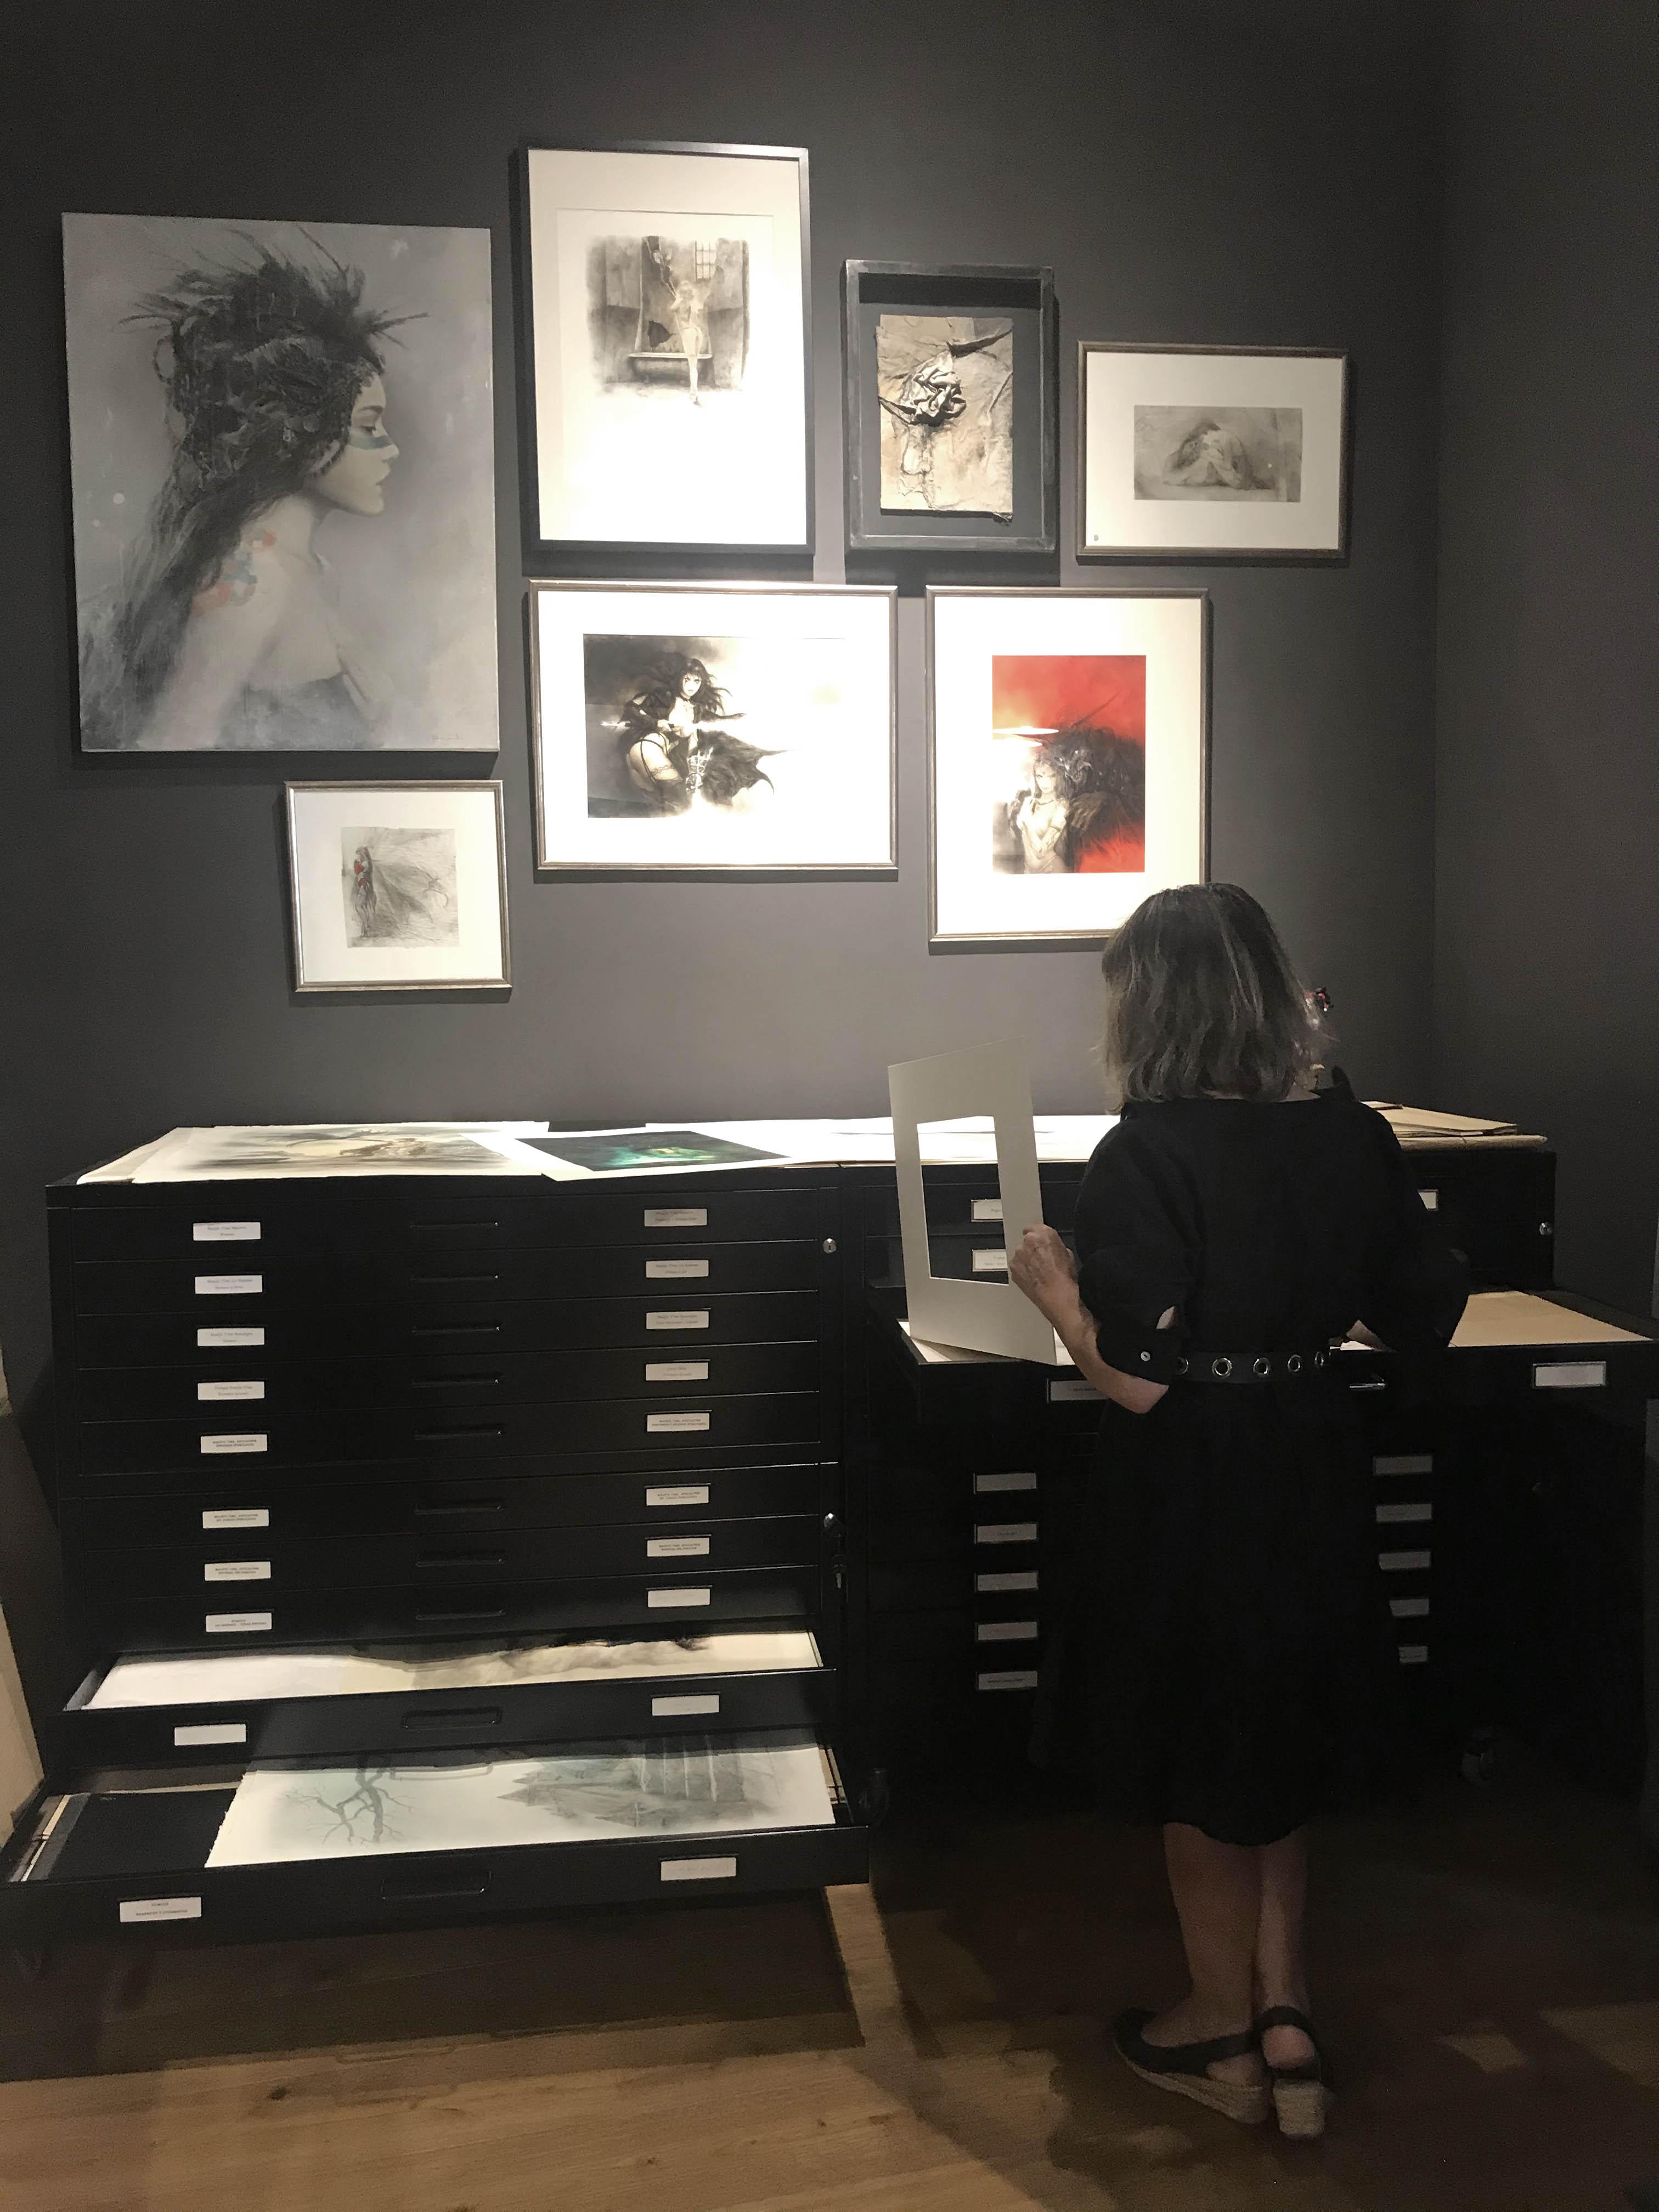 Fantastic_art_exhibition_Laberinto_gris_gallery_luis_royo_romulo_royo_5